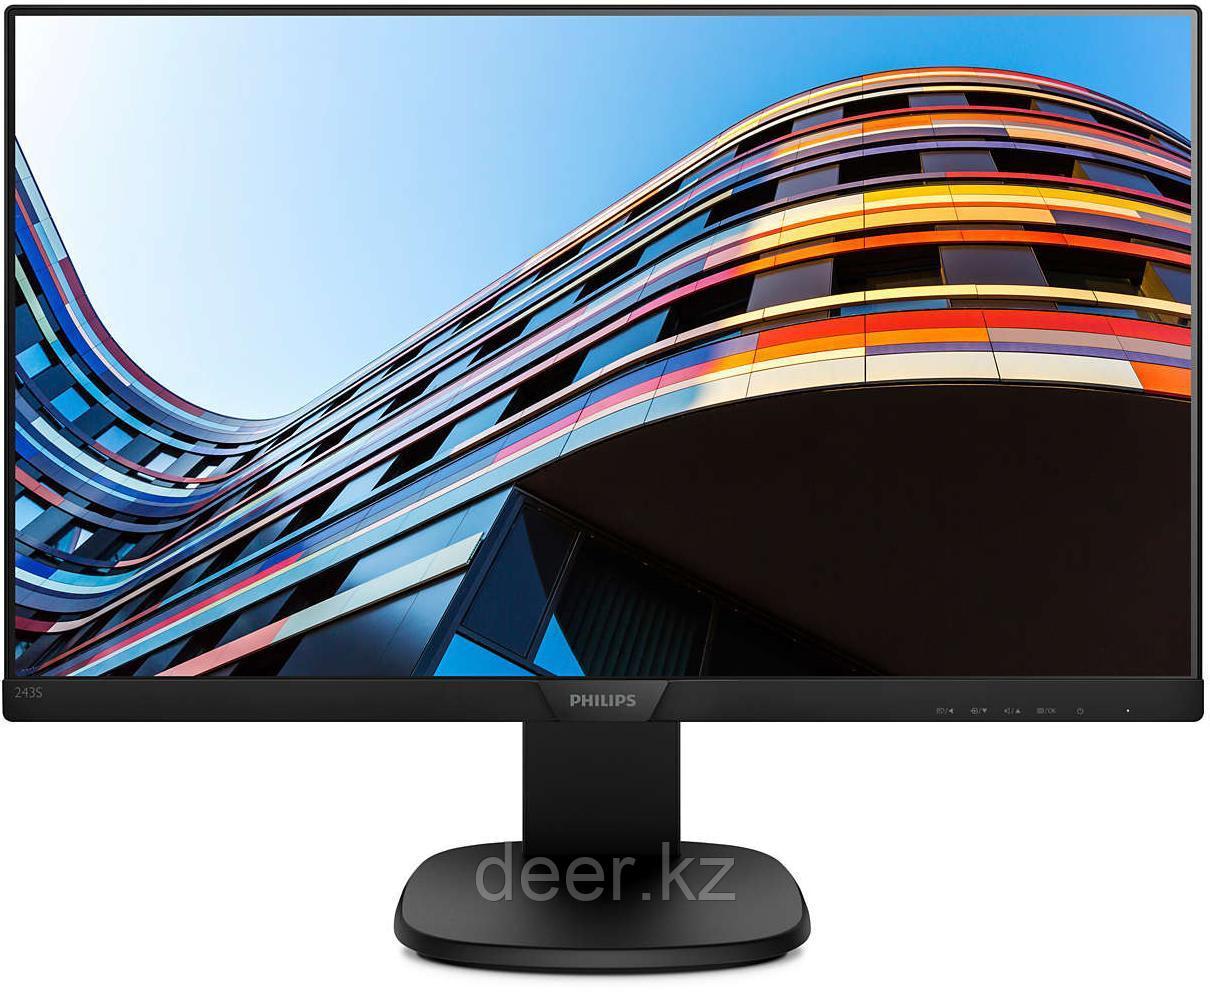 Монитор Philips  LCD 23,6'' 16:9 1920х1080 IPS 243S7EHMB/00